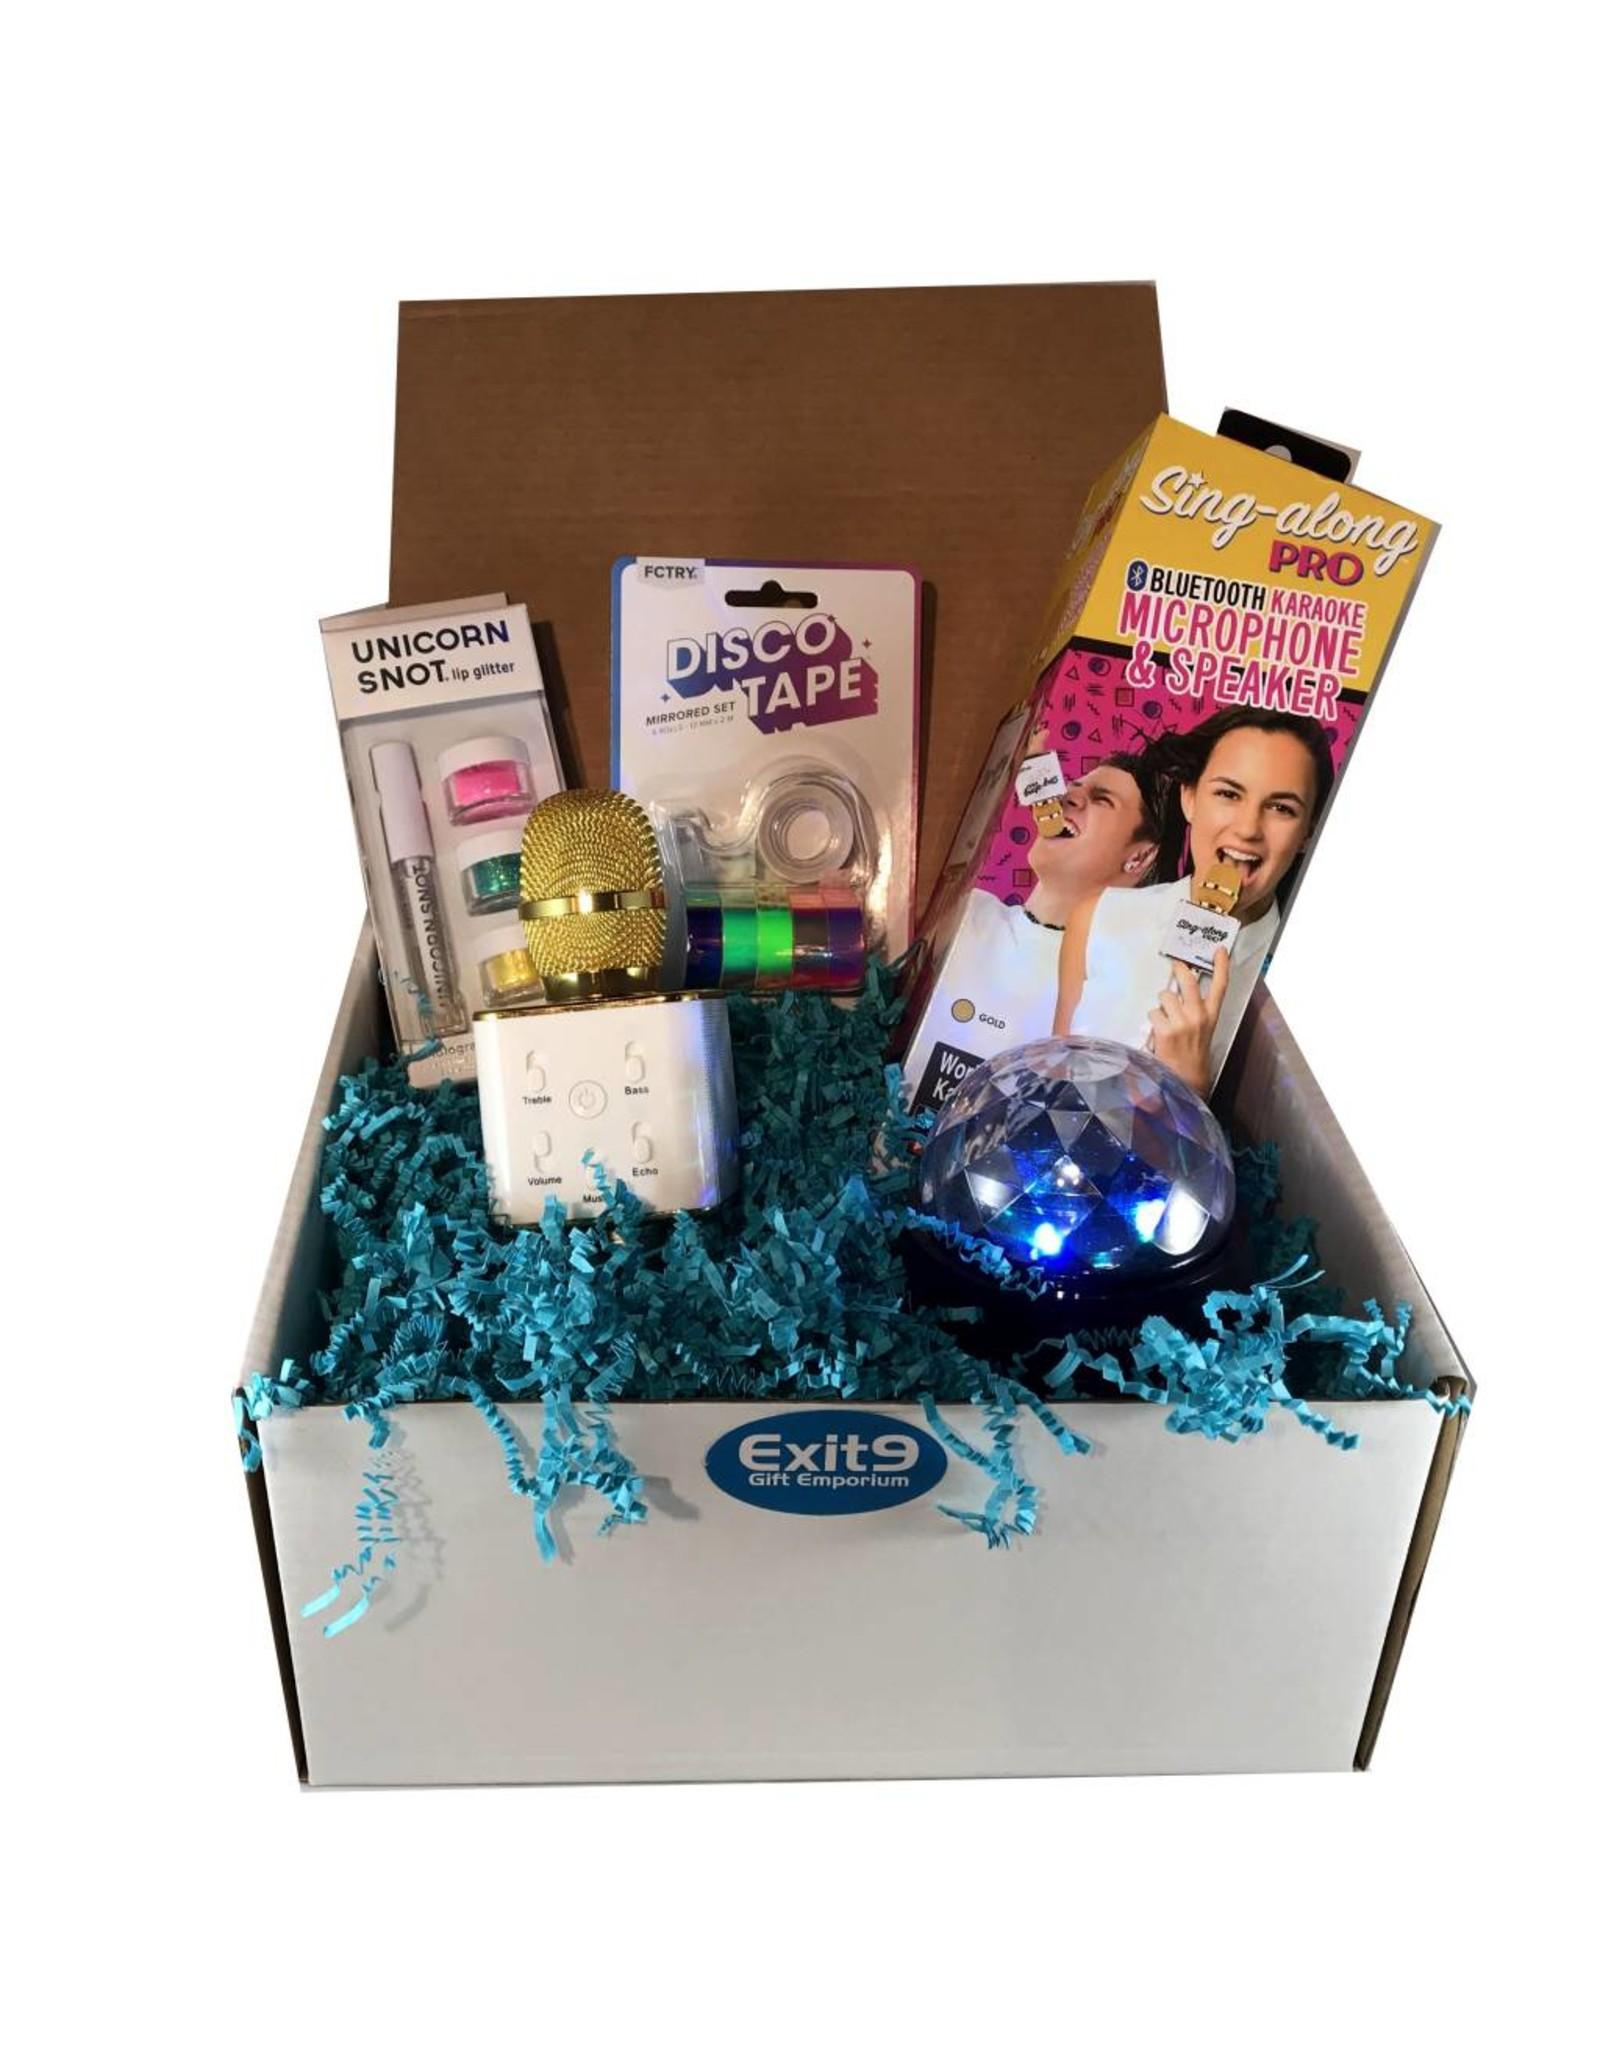 Exit9 Gift Emporium Camp Care Package - Disco